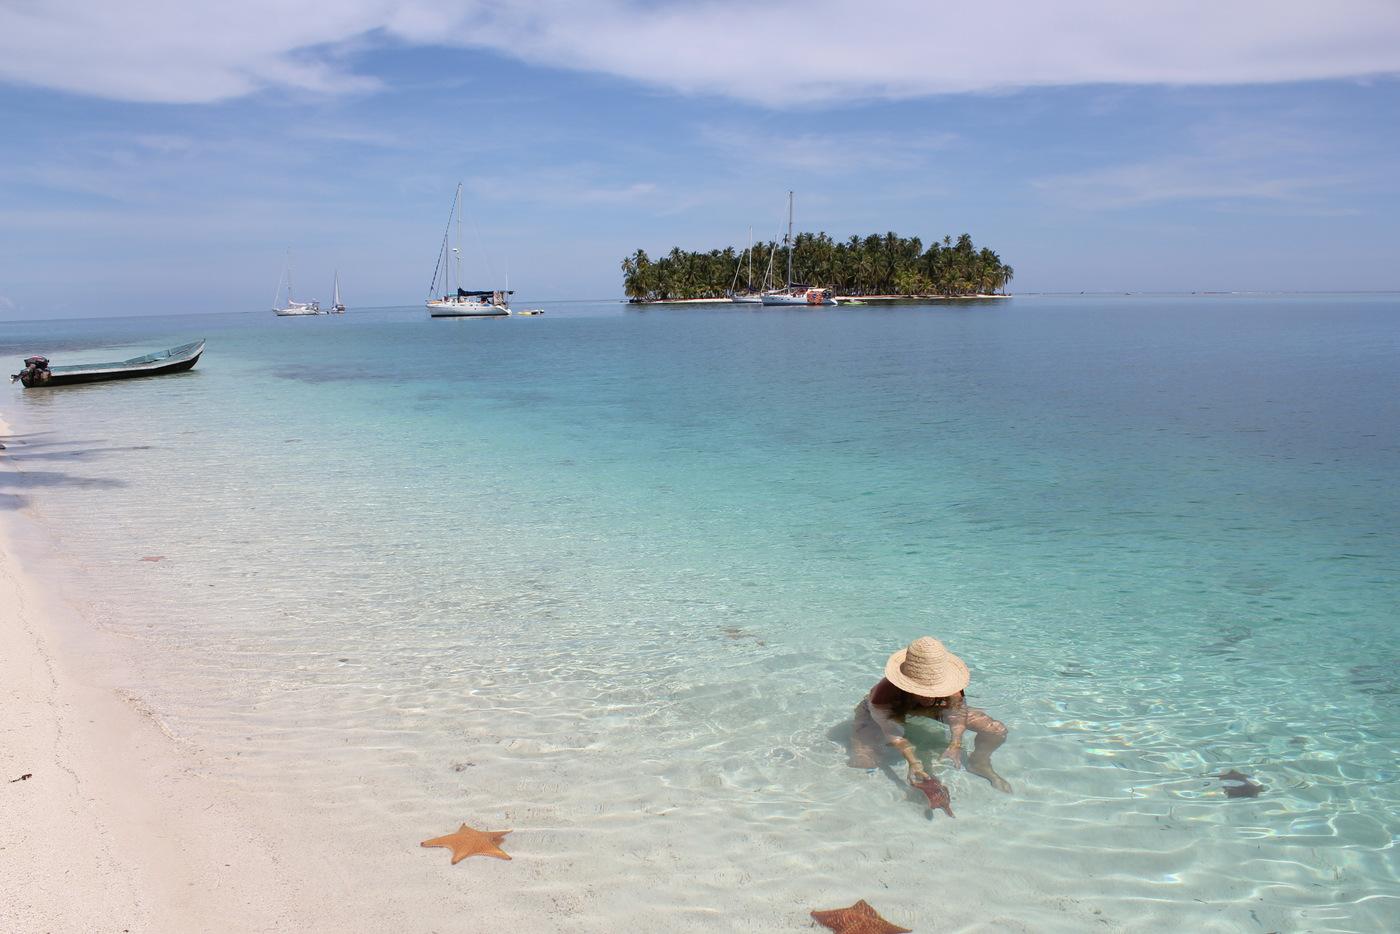 Croisiere voilier aux San blas - une plage - skippair